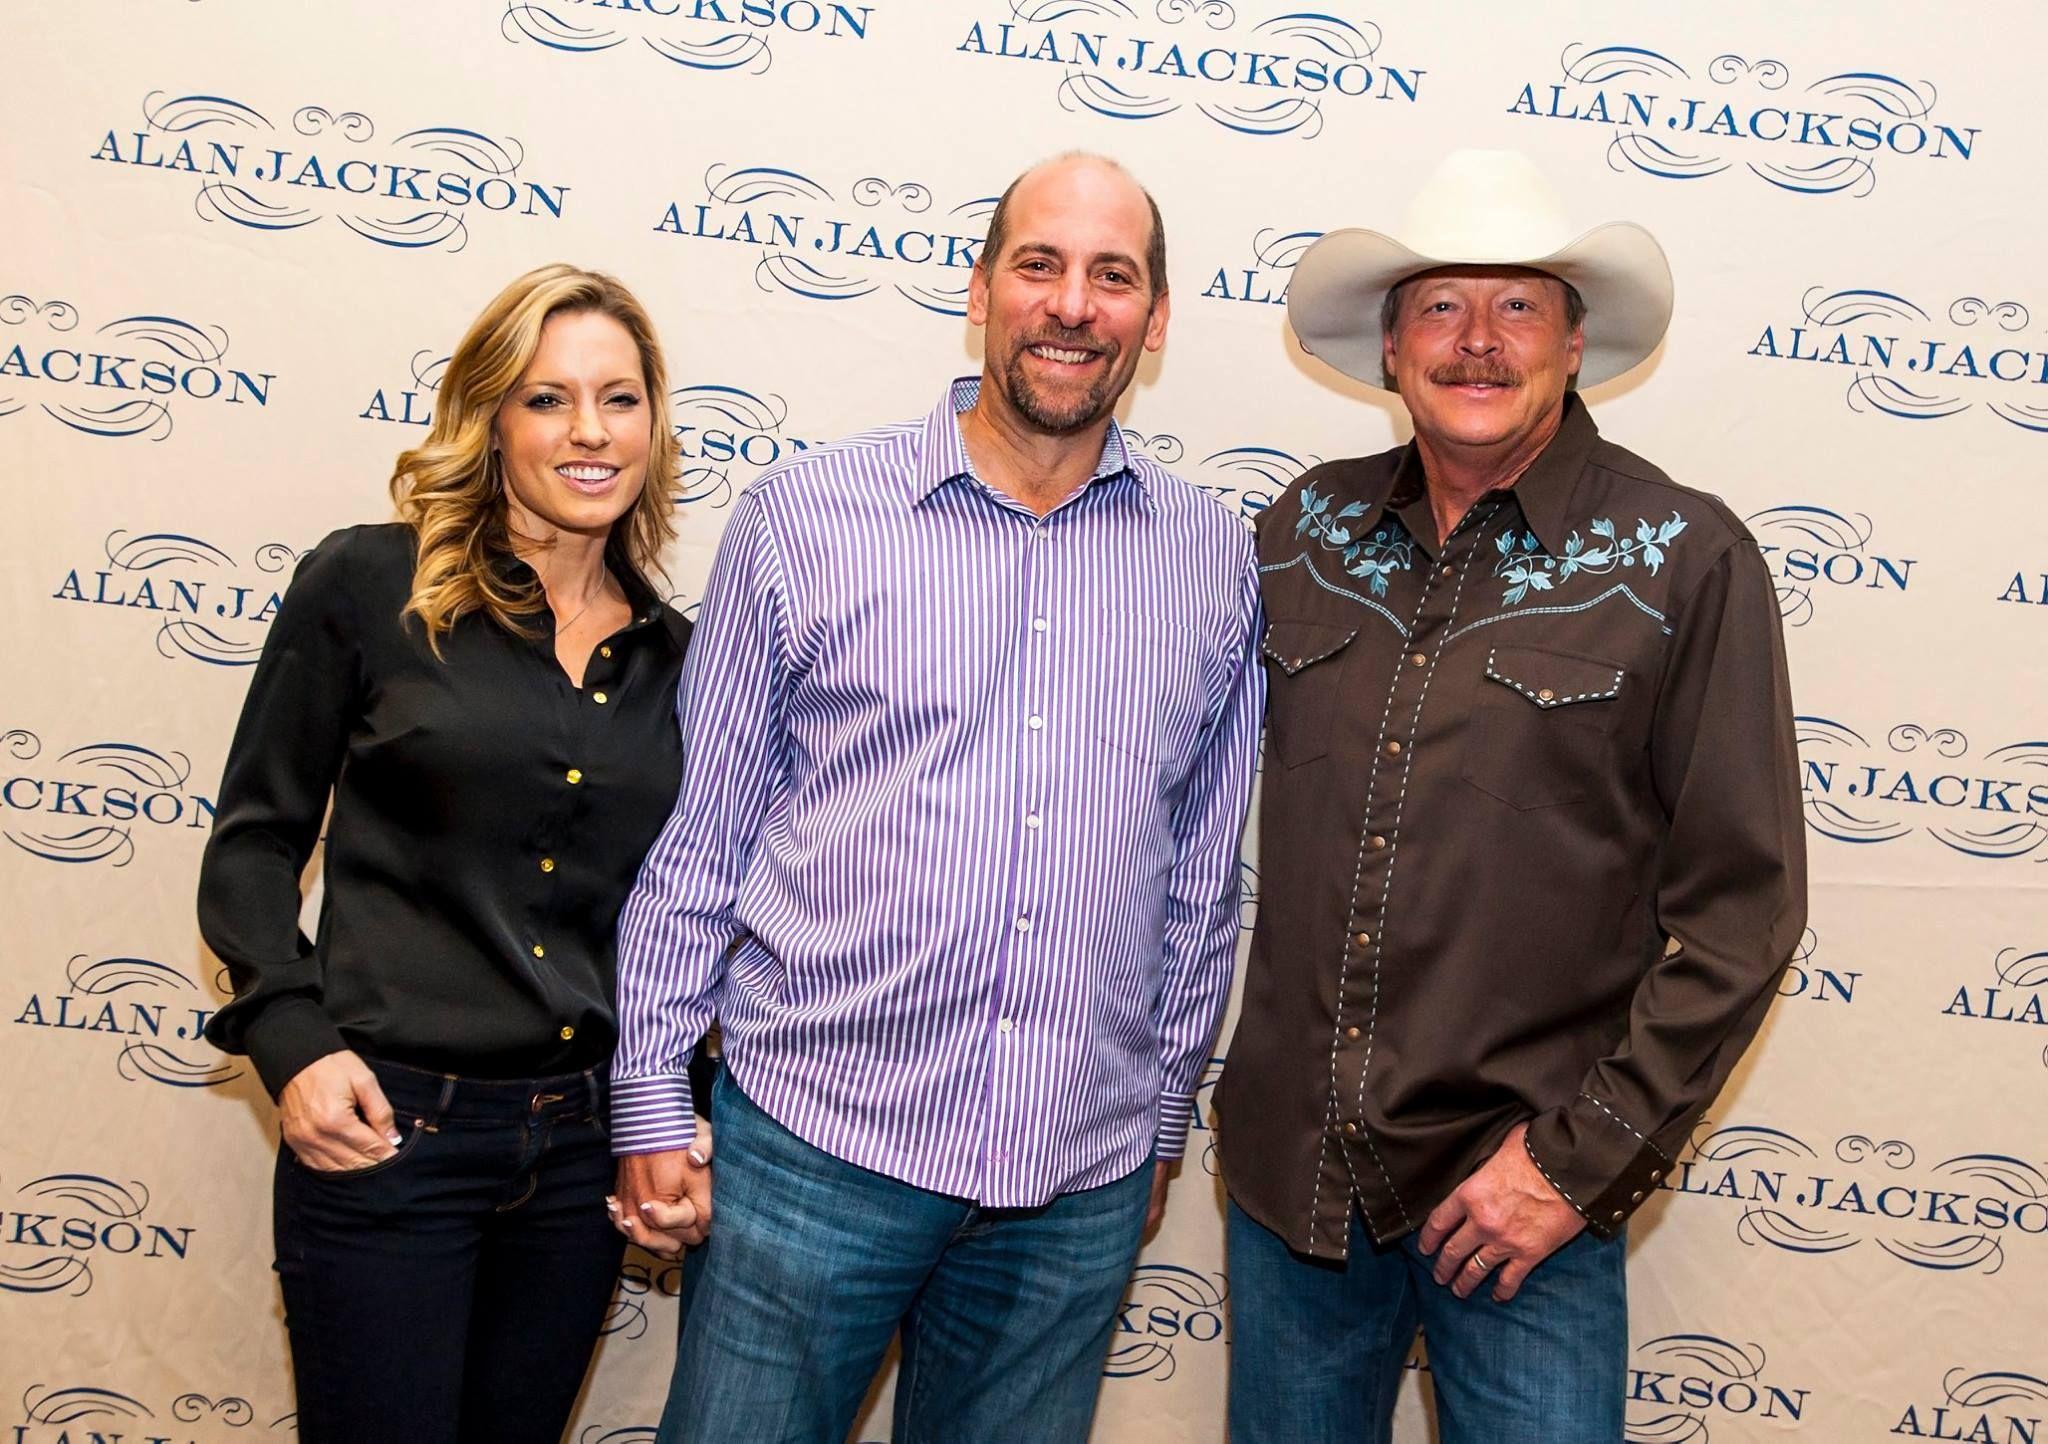 With John Smoltz Atlanta Pitcher And His Wife Alan Jackson